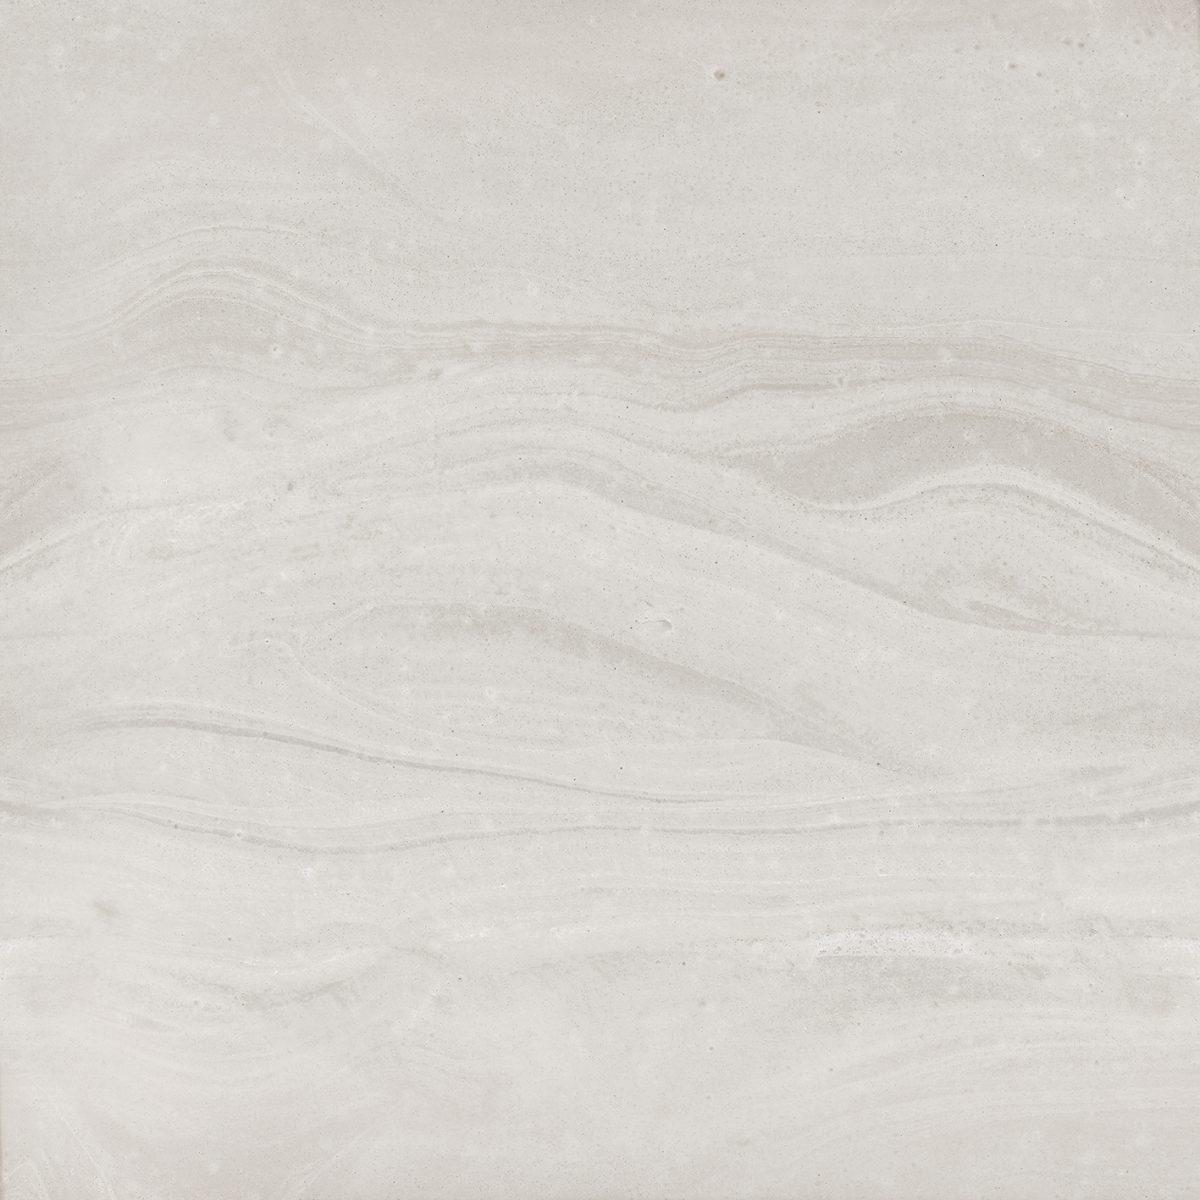 Porcelanosa Butan Bone Anti-Slip Tile 120 x 120 cm